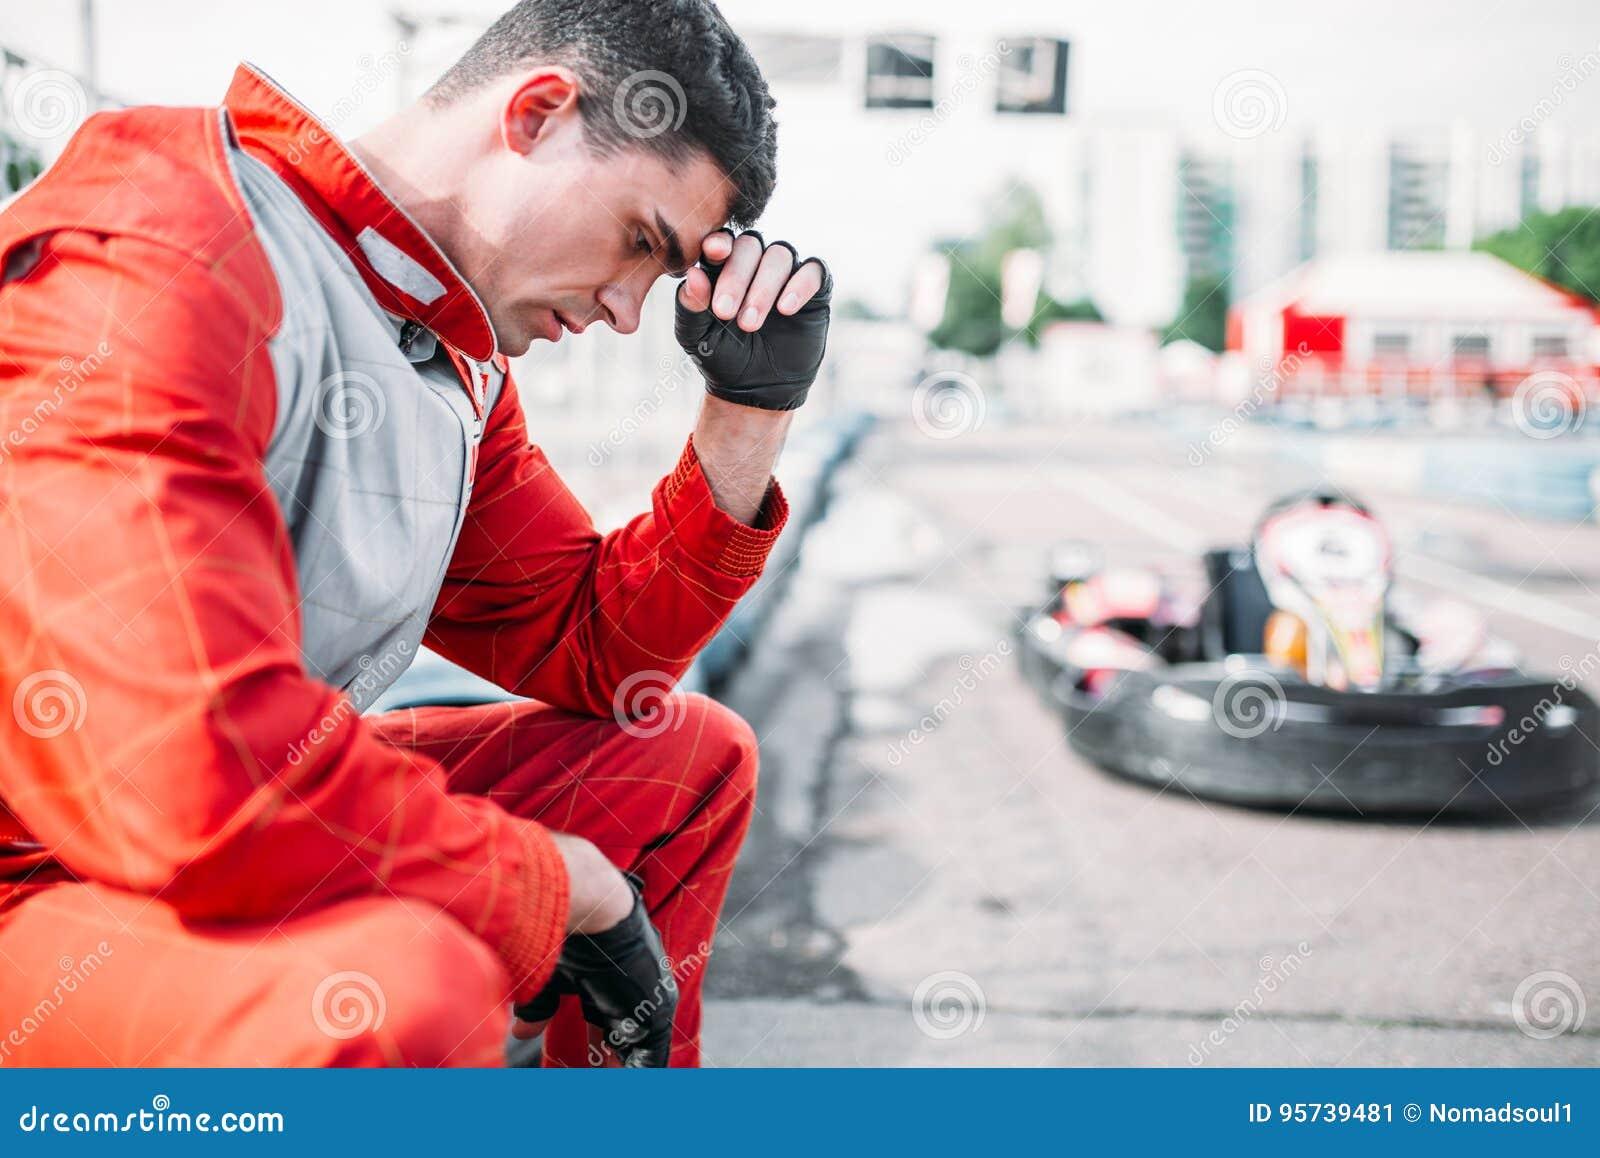 Le coureur de Karting s assied sur un pneu, voie extérieure de kart